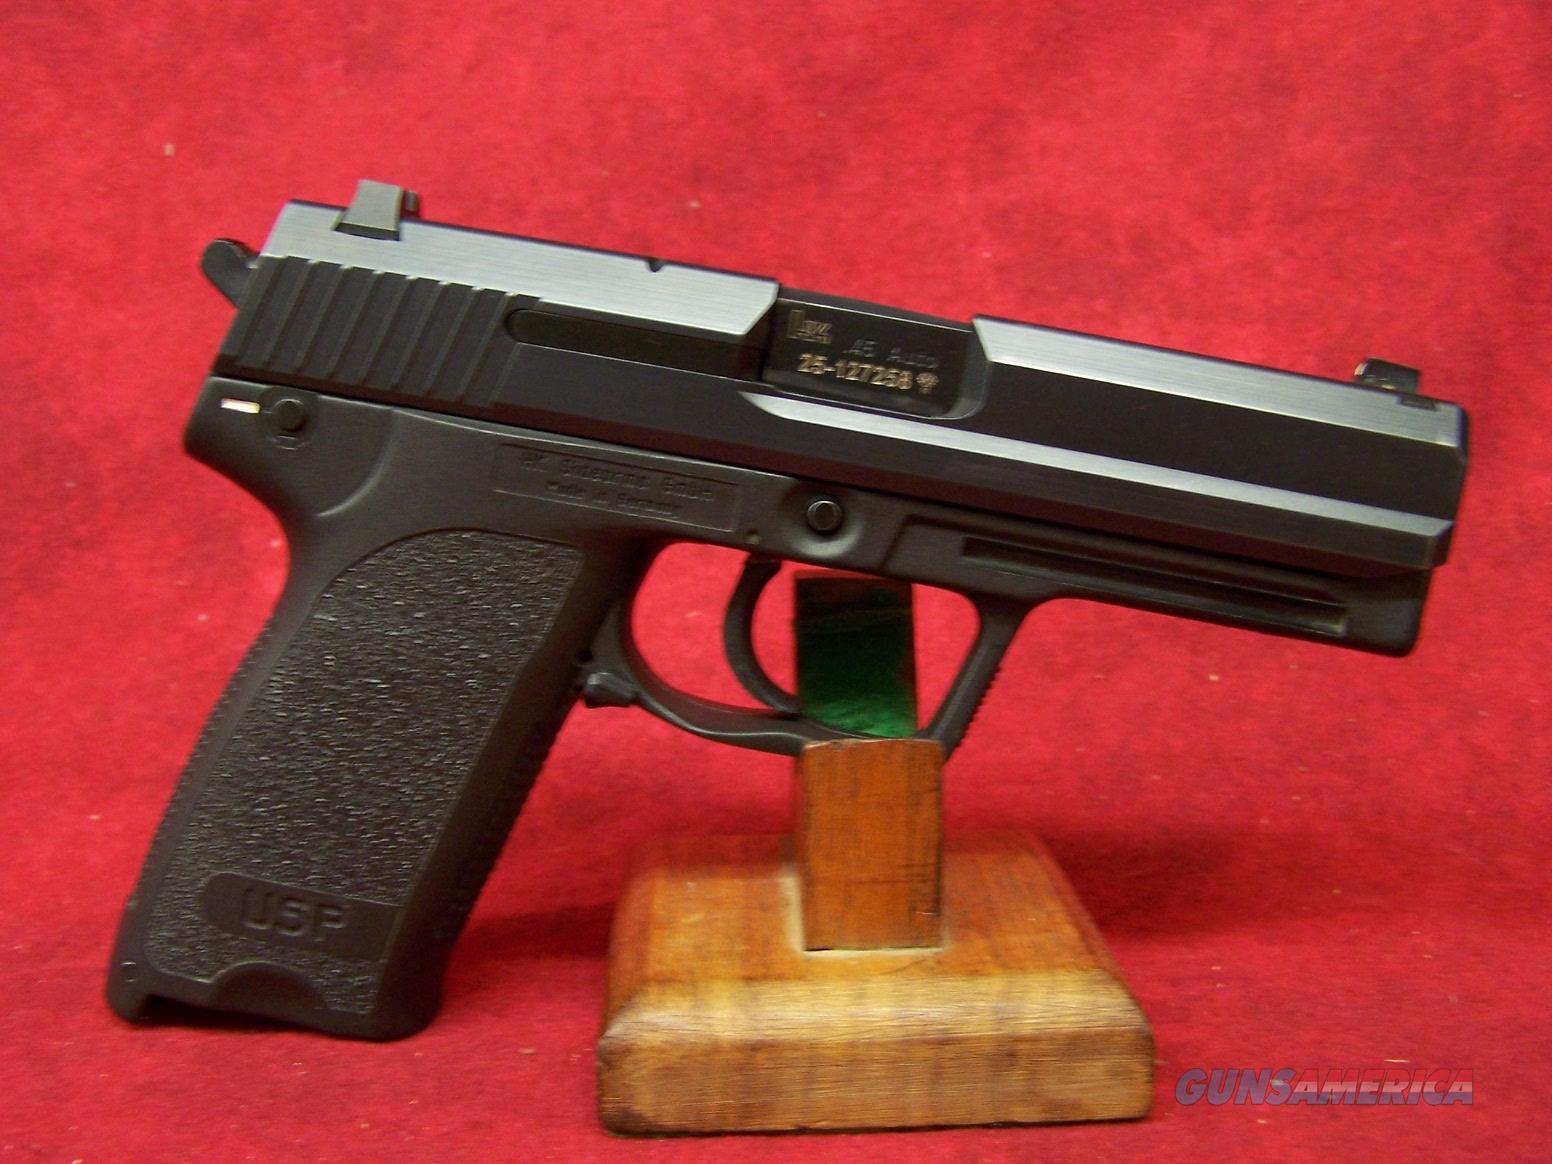 Heckler & Koch USP .45ACP (M704501-A5)  Guns > Pistols > Heckler & Koch Pistols > Polymer Frame